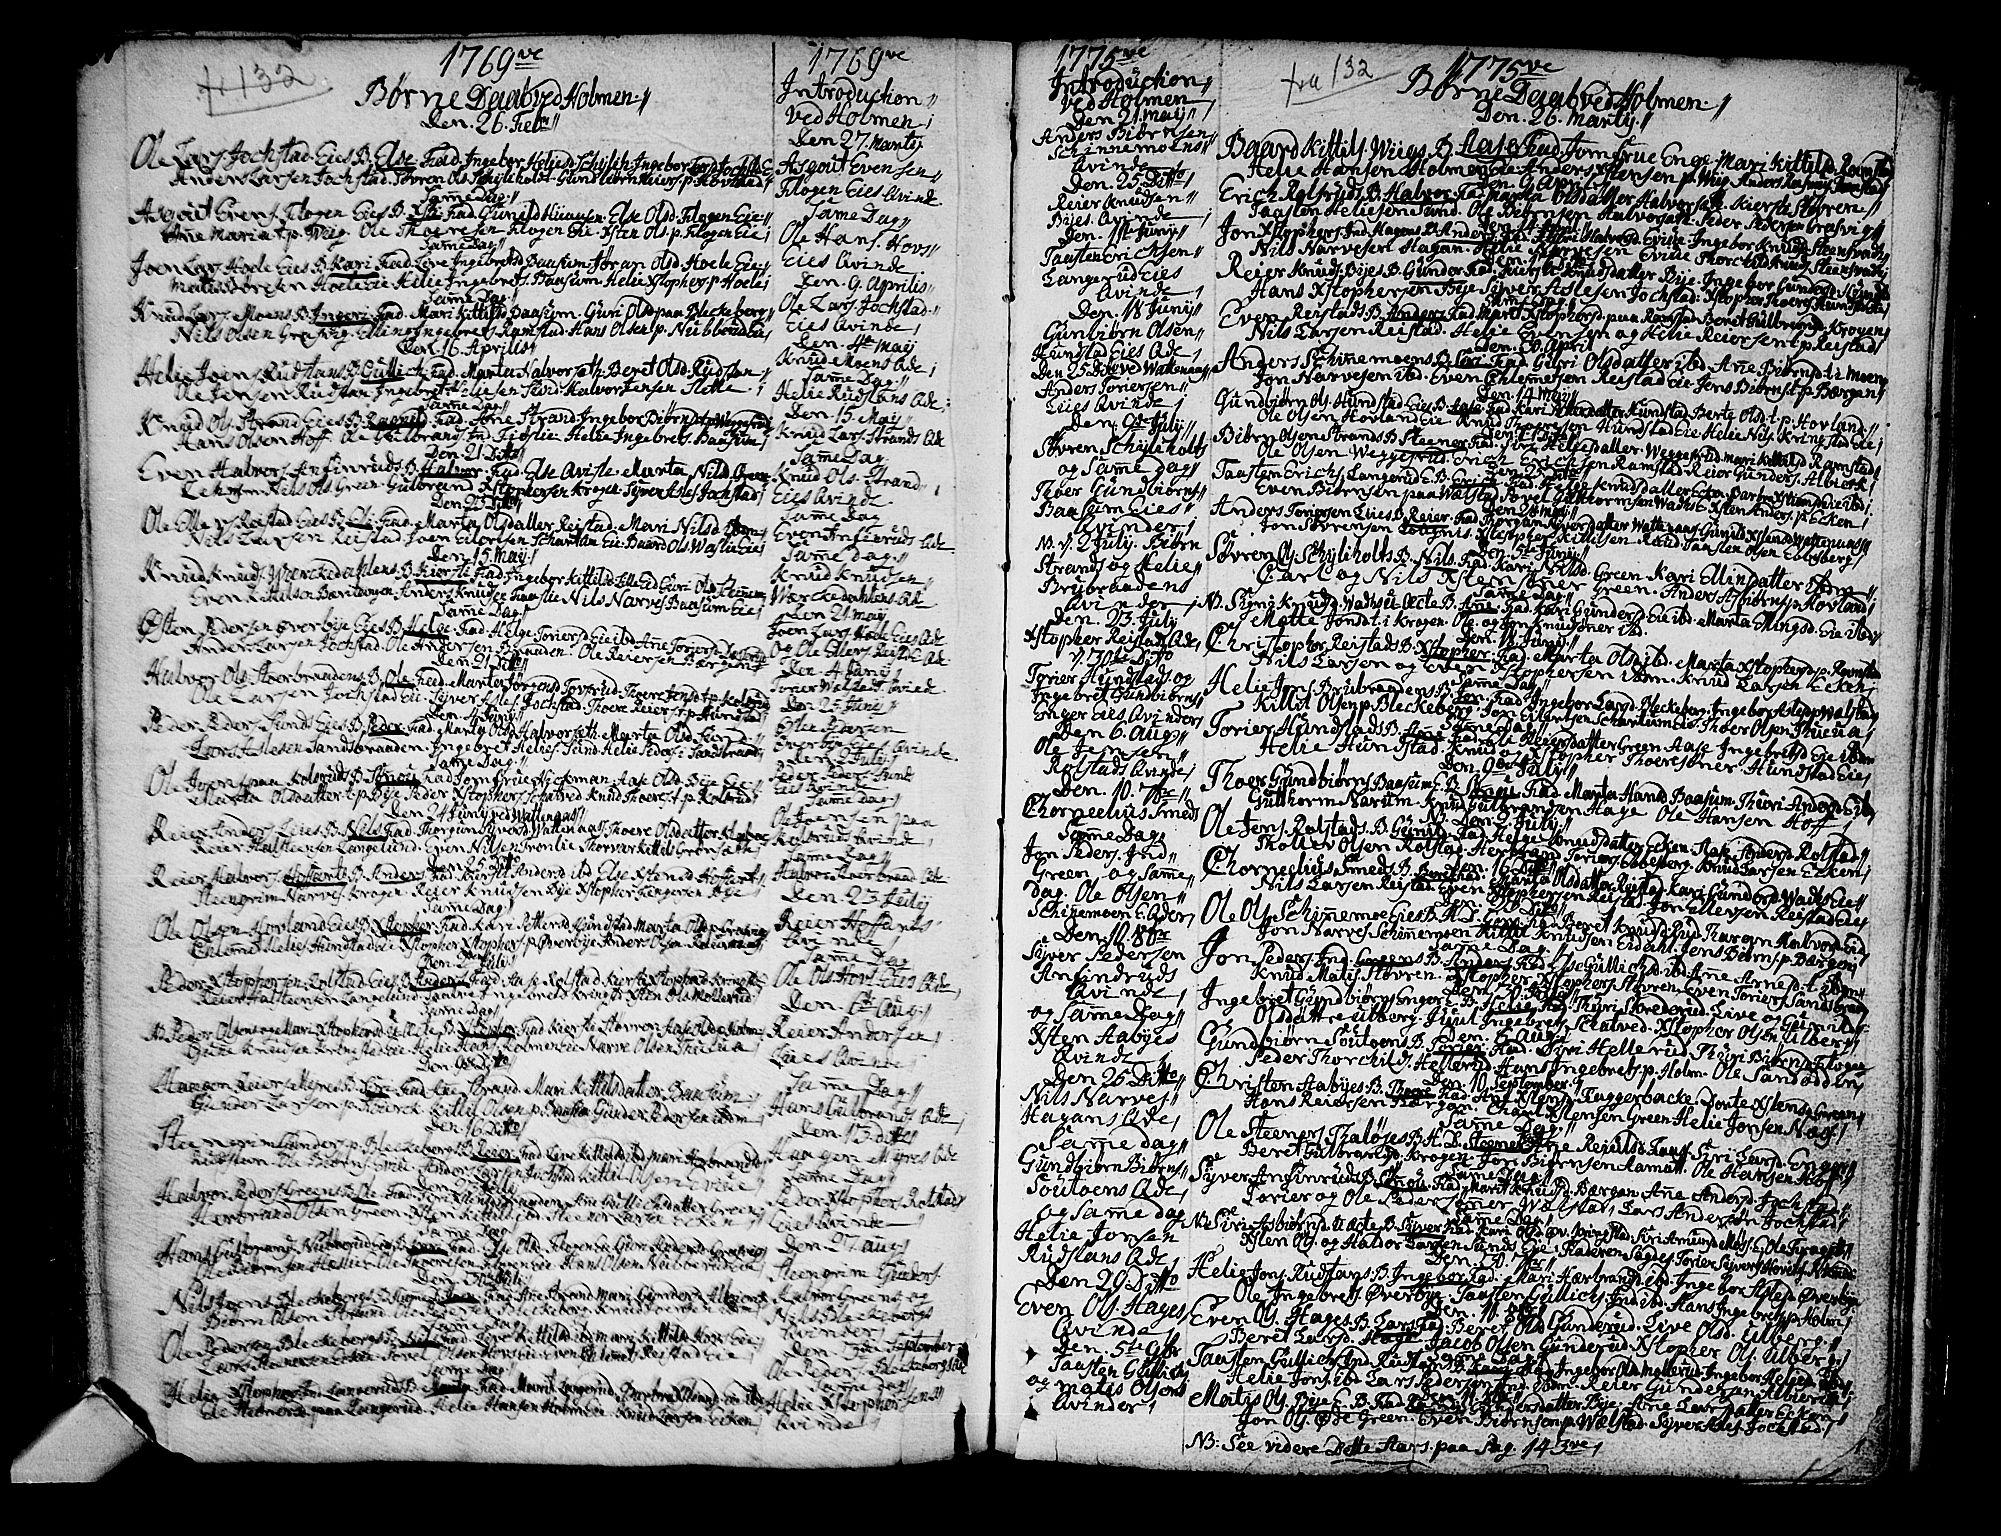 SAKO, Sigdal kirkebøker, F/Fa/L0001: Ministerialbok nr. I 1, 1722-1777, s. 137-138